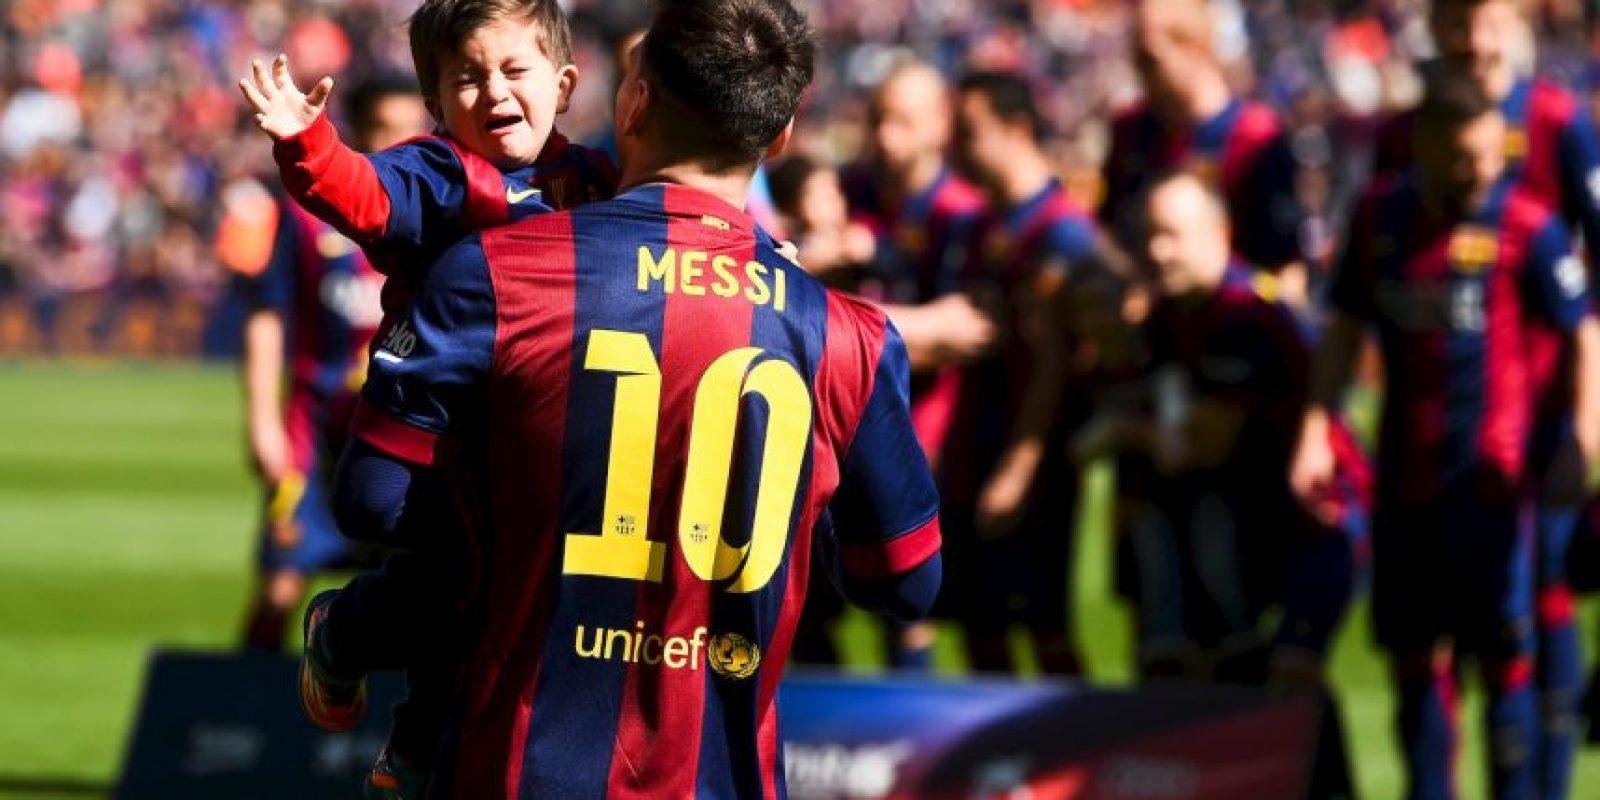 Pero Messi una vez más se llevó todo los reflectores Foto:Getty Images